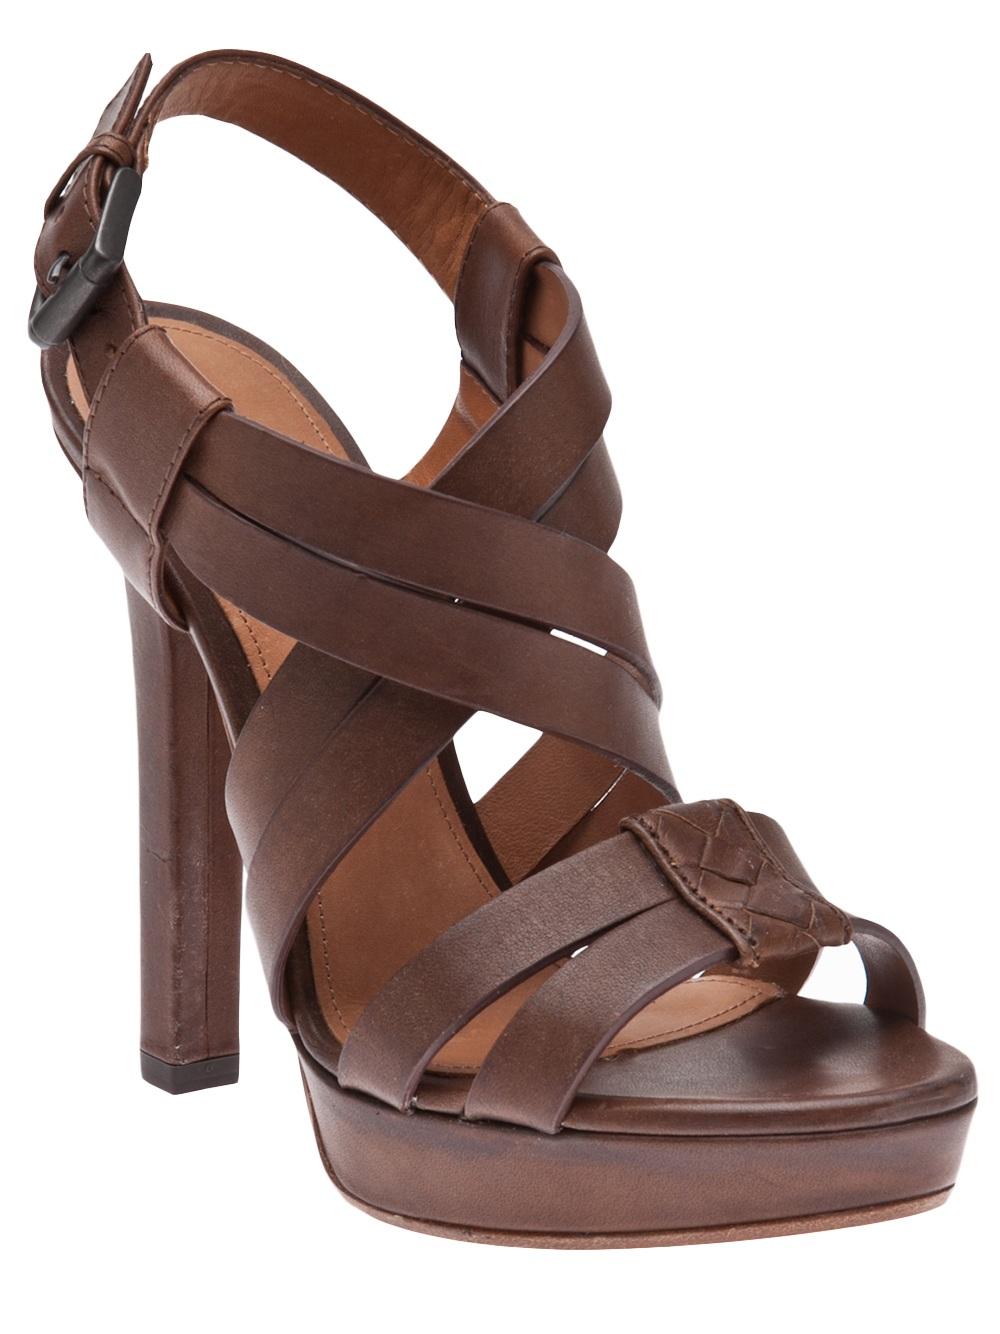 Bottega veneta Strappy Sandal in Brown | Lyst